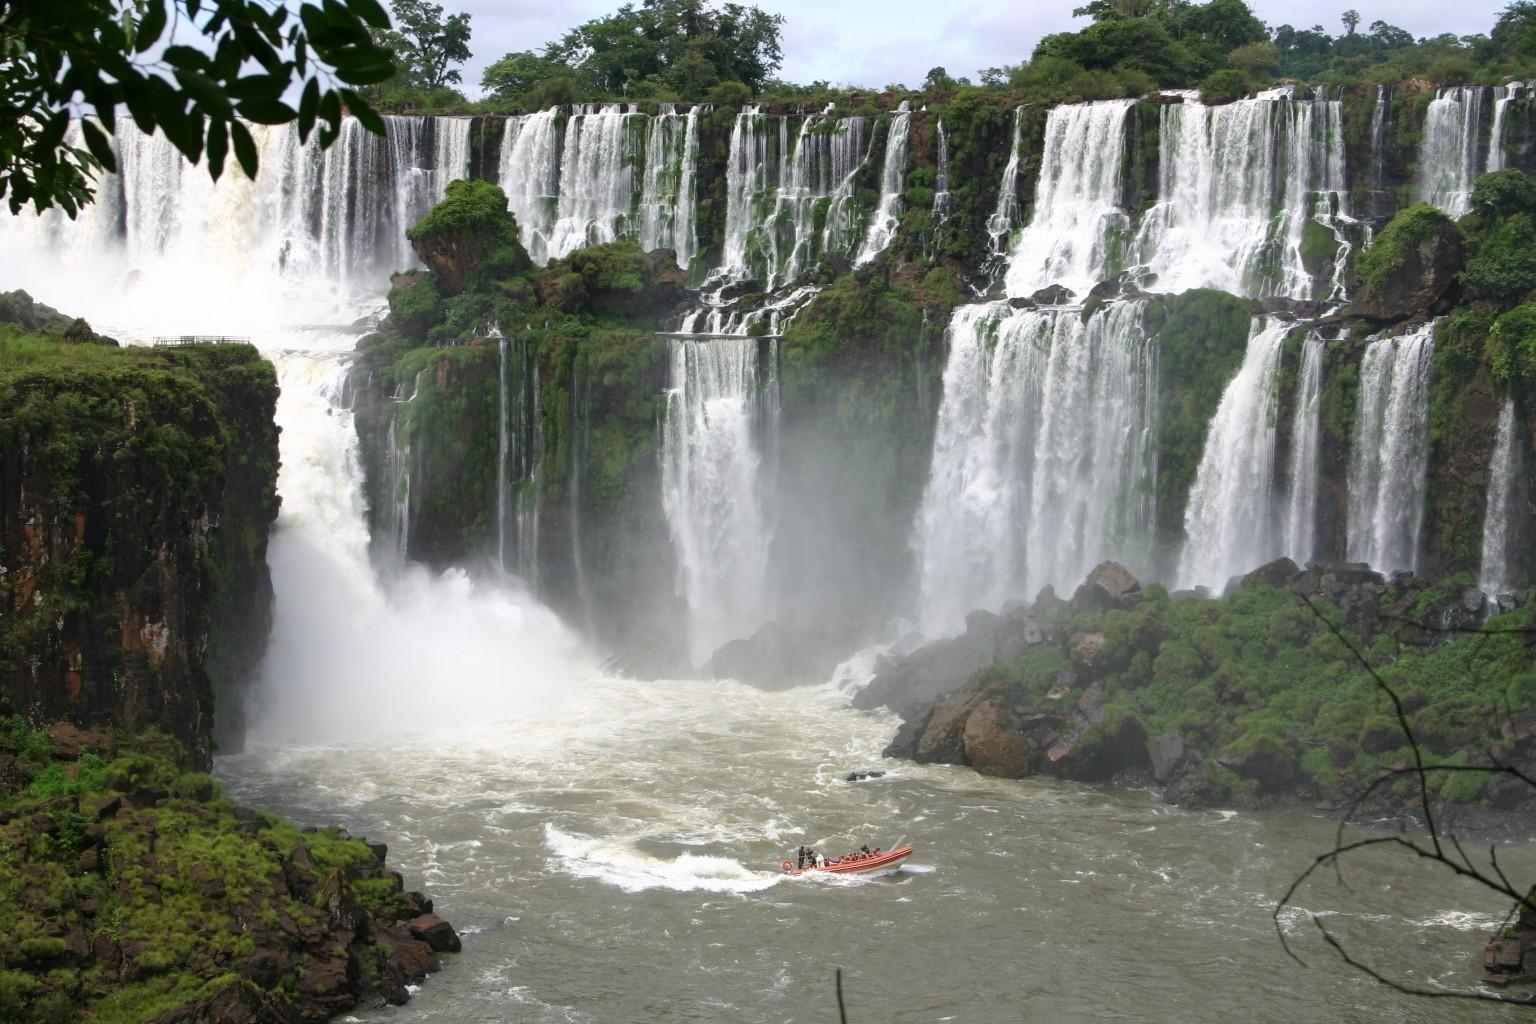 Iguazú-Wasserfälle im Dreiländereck Brasilien-Argentinien-Paraguay